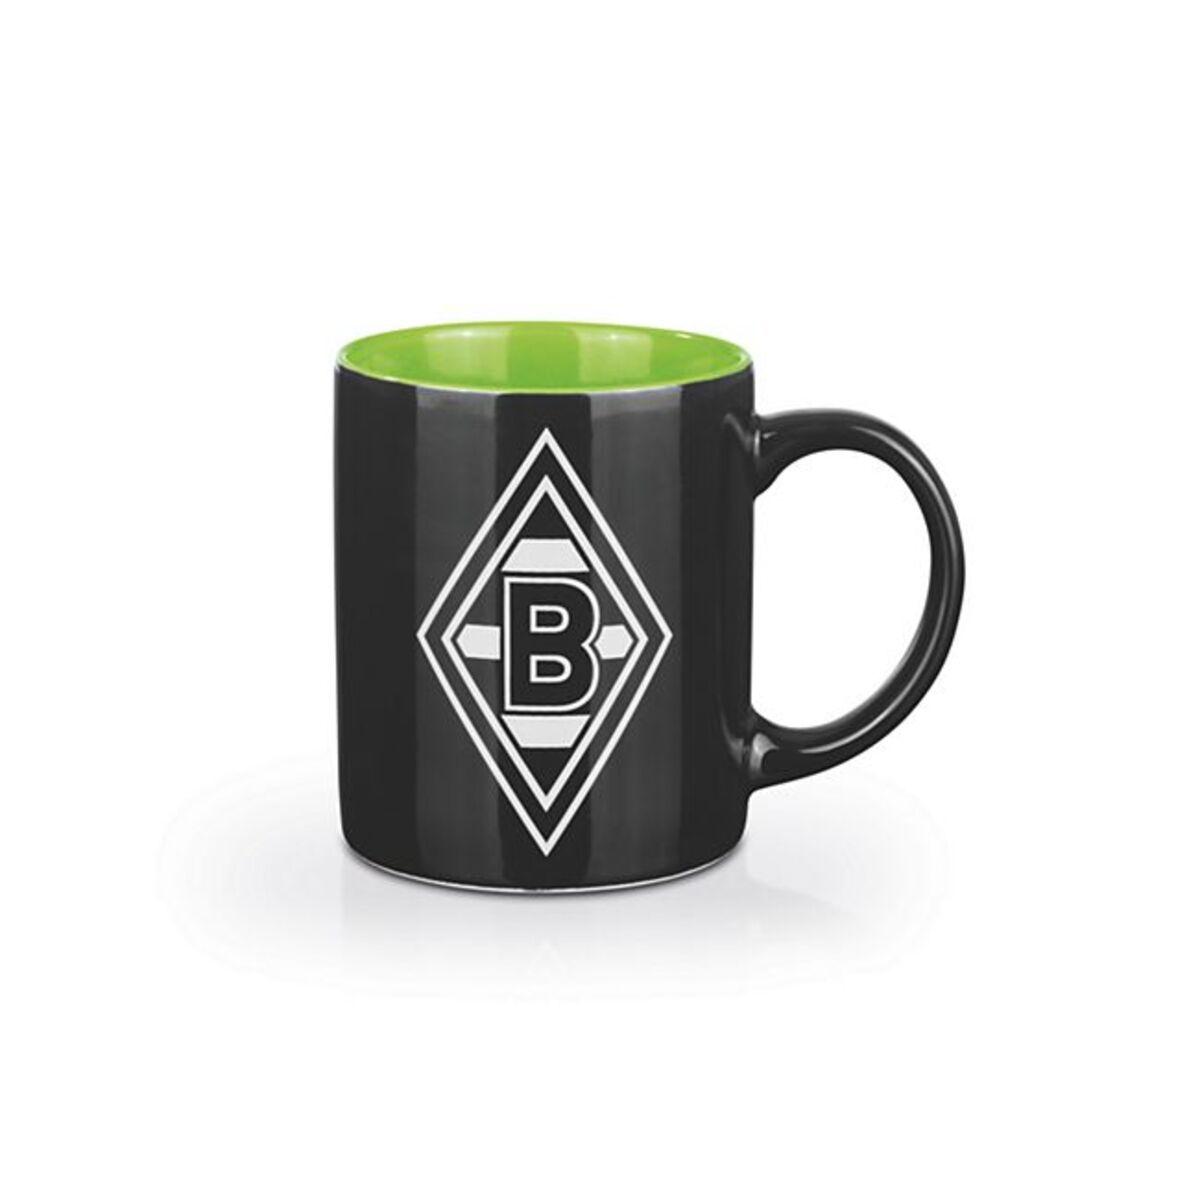 Bild 1 von BMG Kaffeebecher 350ml schwarz/weiß/grün mit Logo